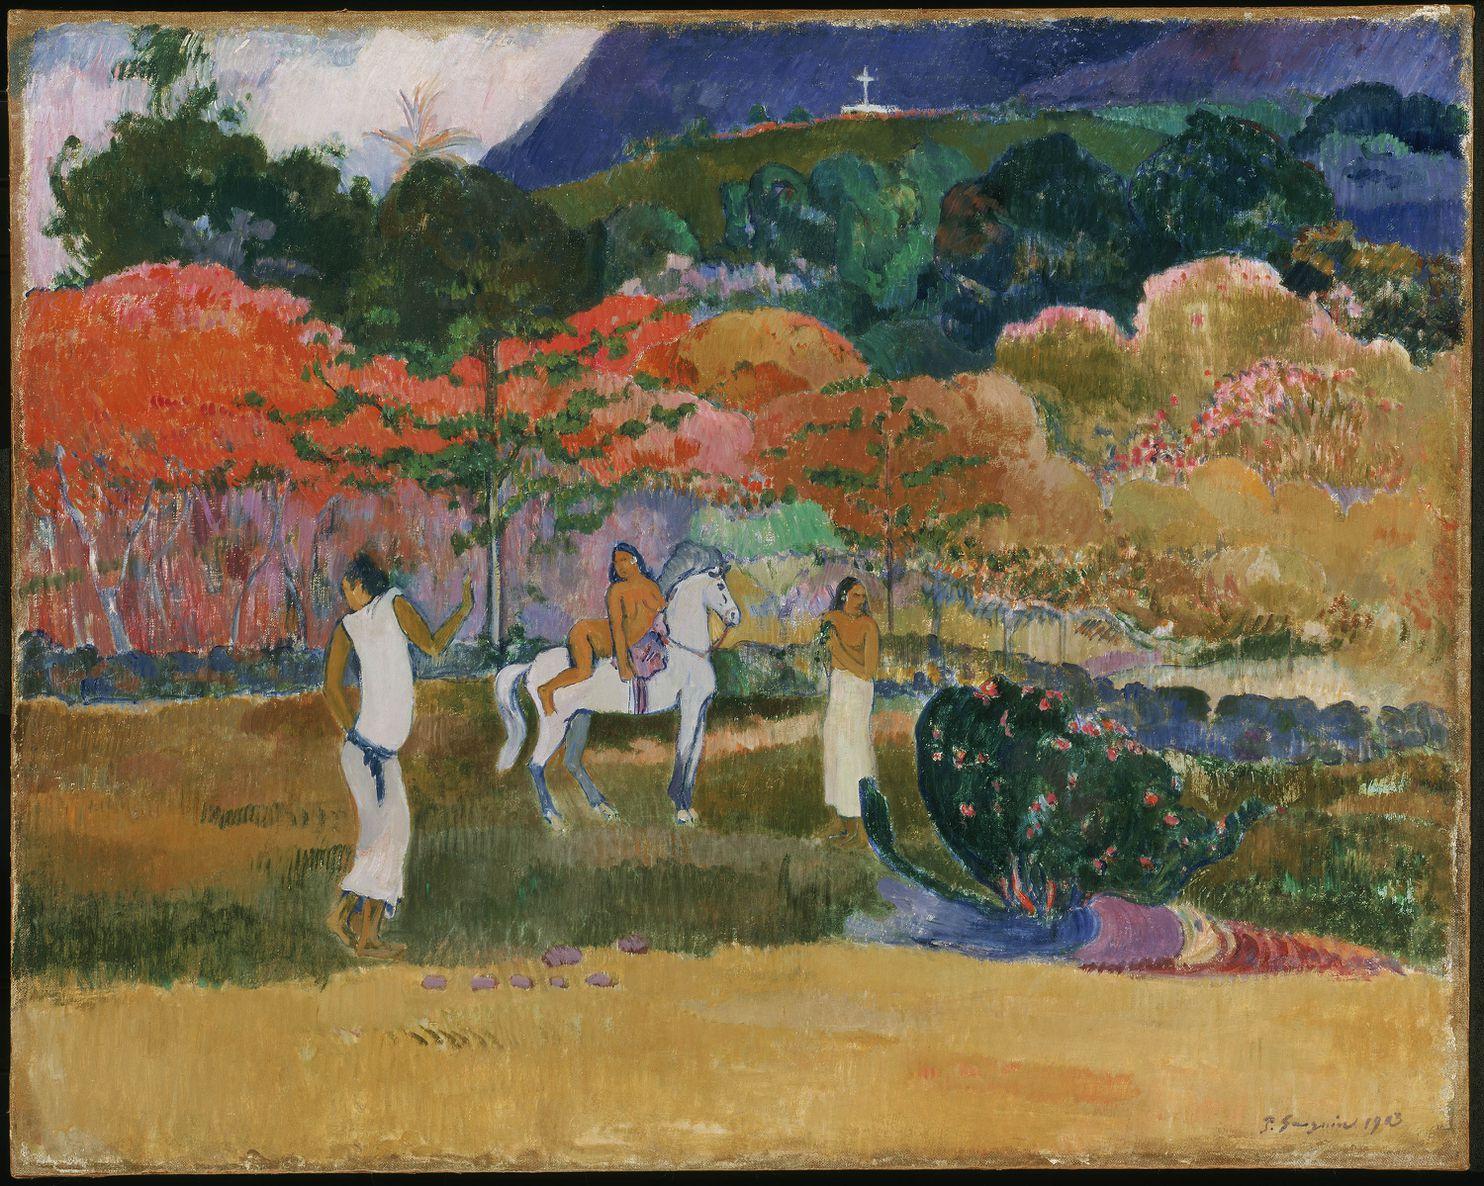 保罗·高更《女人和白马》(Women and a White Horse,1903),波士顿美术博物馆收藏